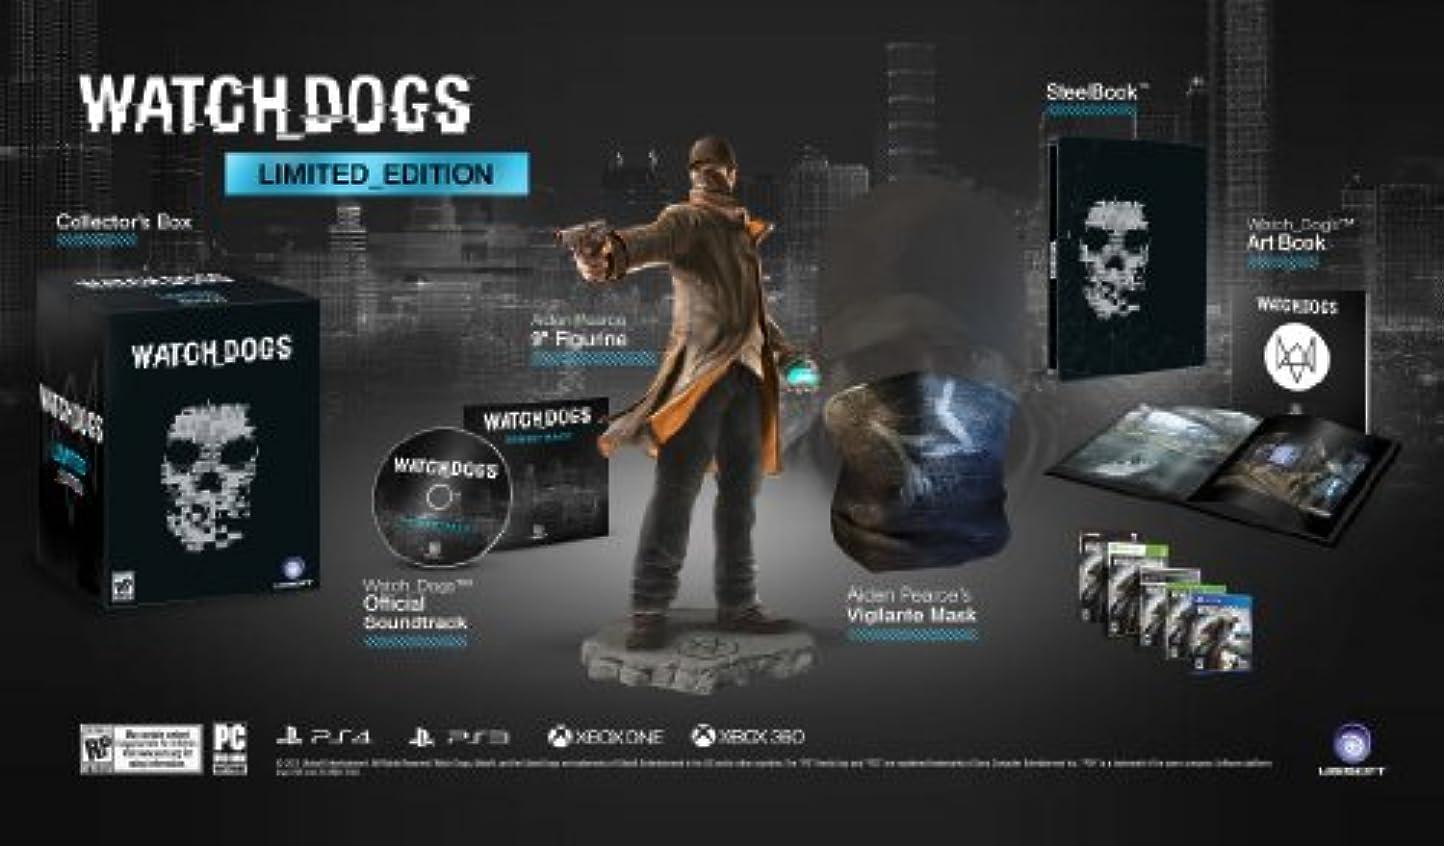 発明する配る幻滅Watch Dogs Limited Edition - PC